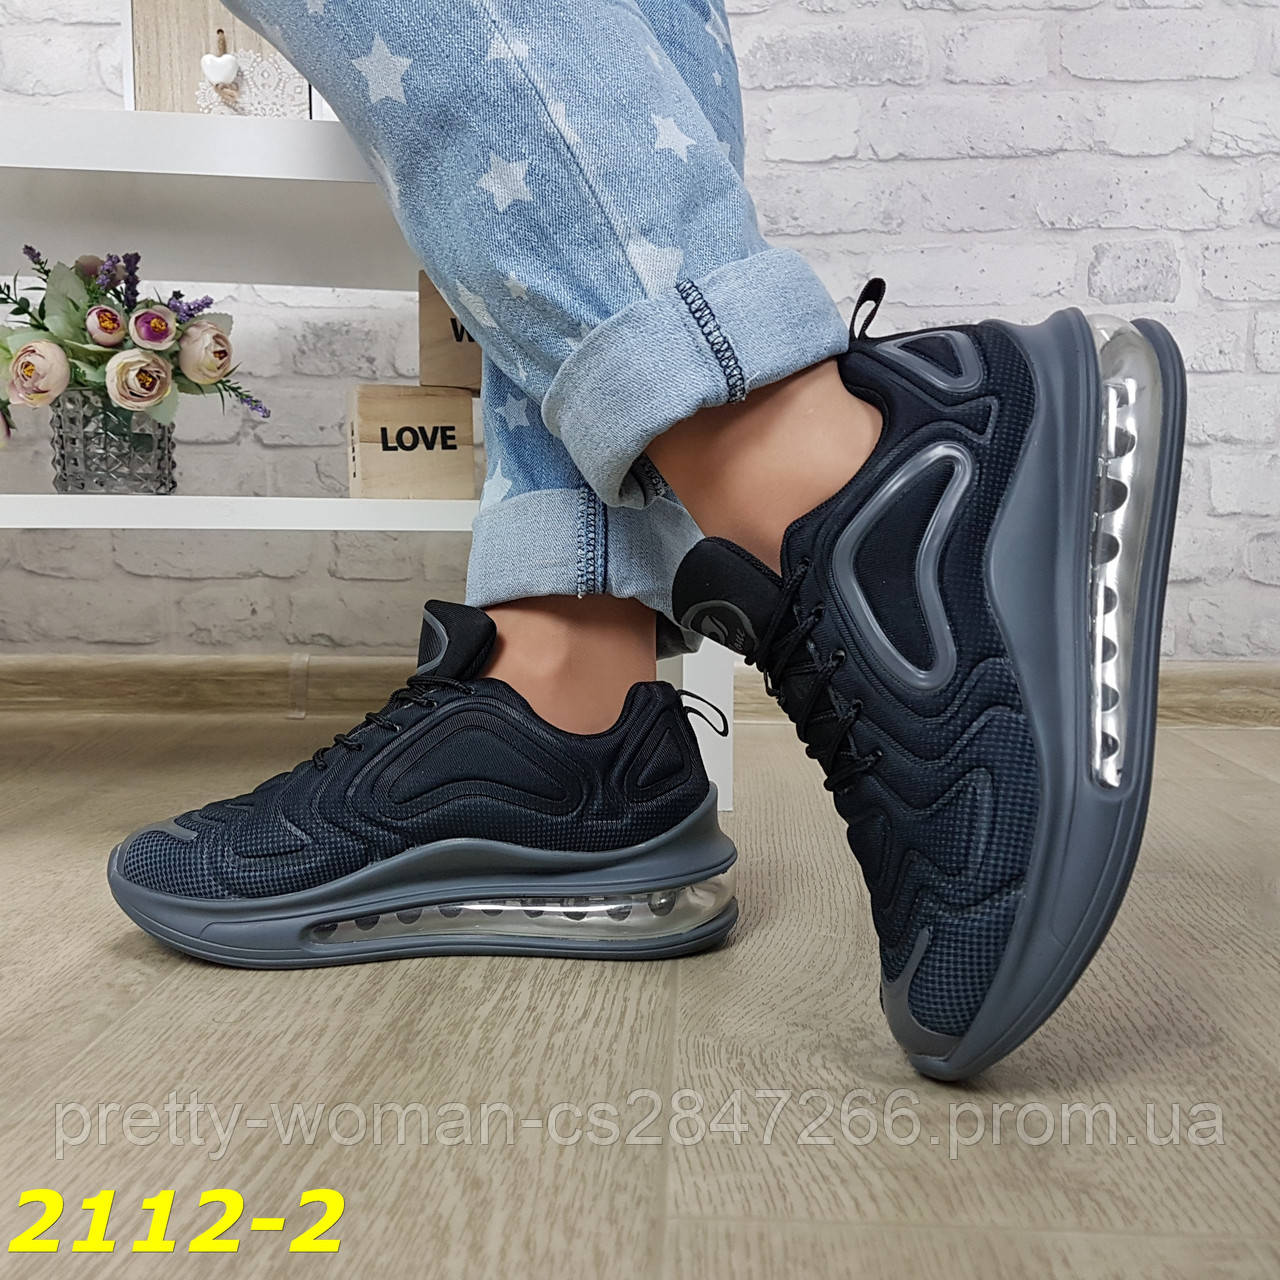 Кроссовки черные на амортизаторах силиконовой подушке